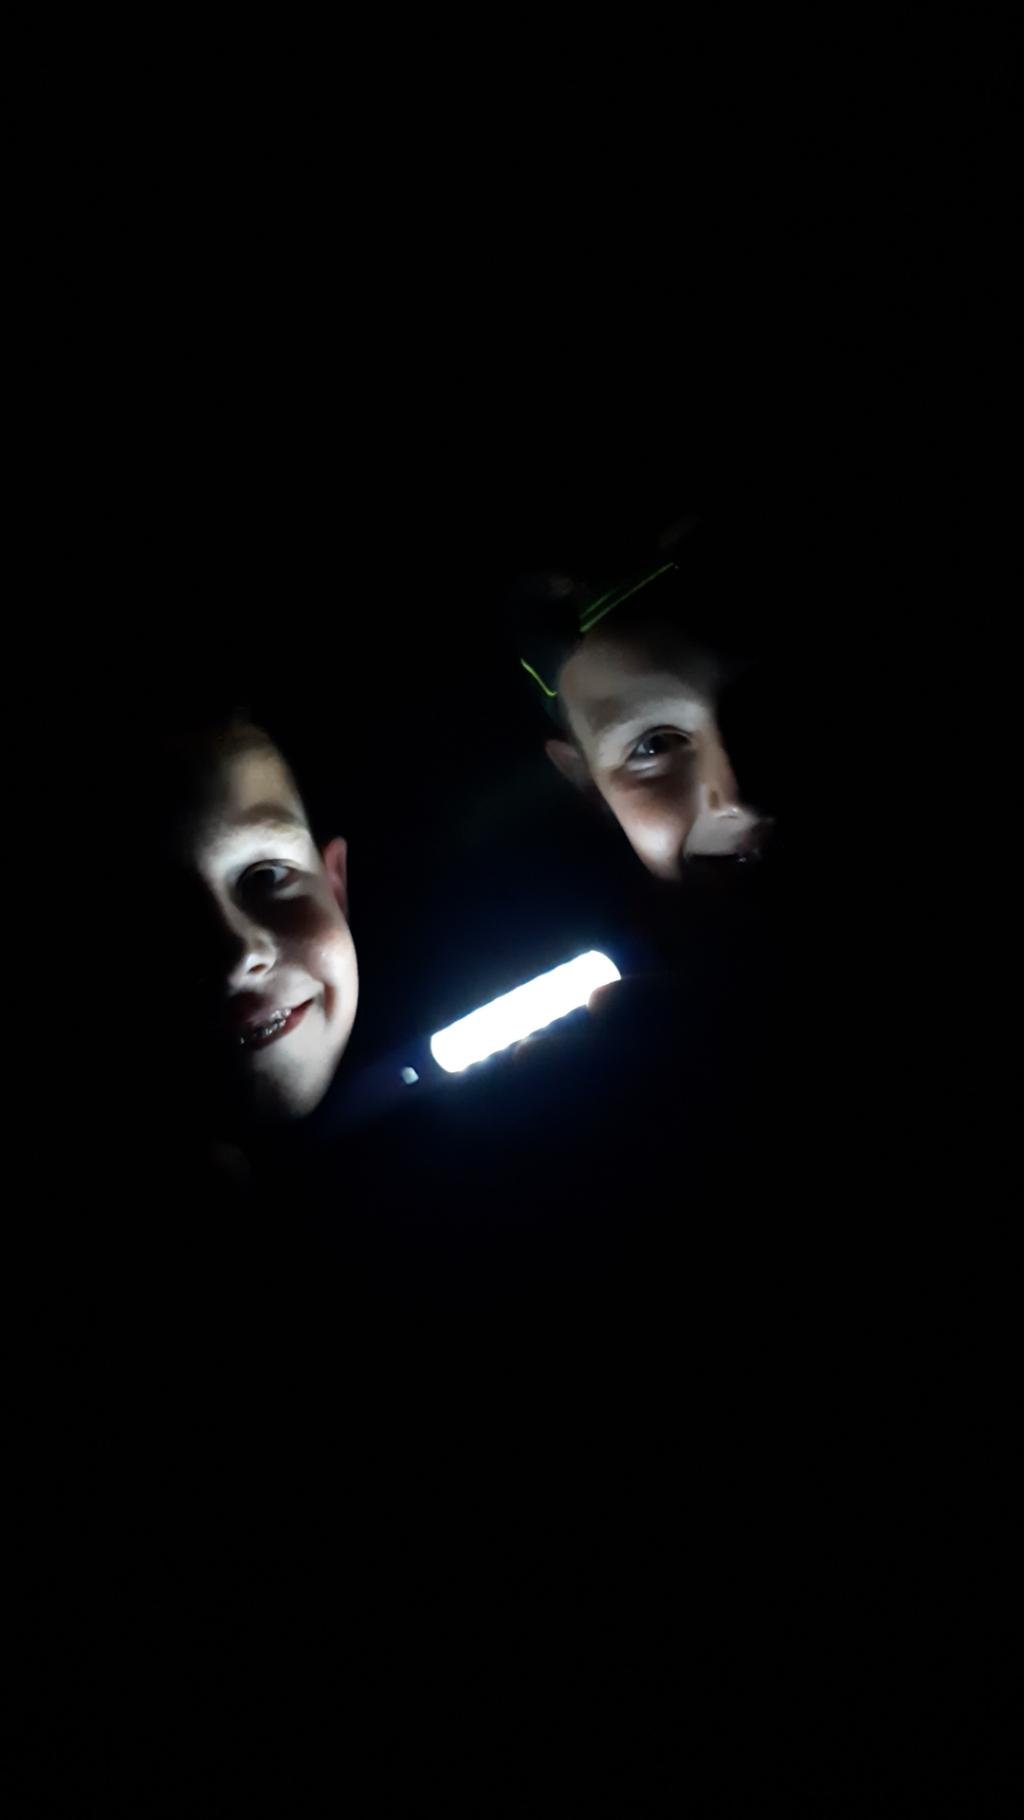 Bas en Thom Staal sliepen een nachtje in de tent...was pikdonker maar gelukkig was er een lampje. Oma heeft deze foto gemaakt. J Staal © BDU Media